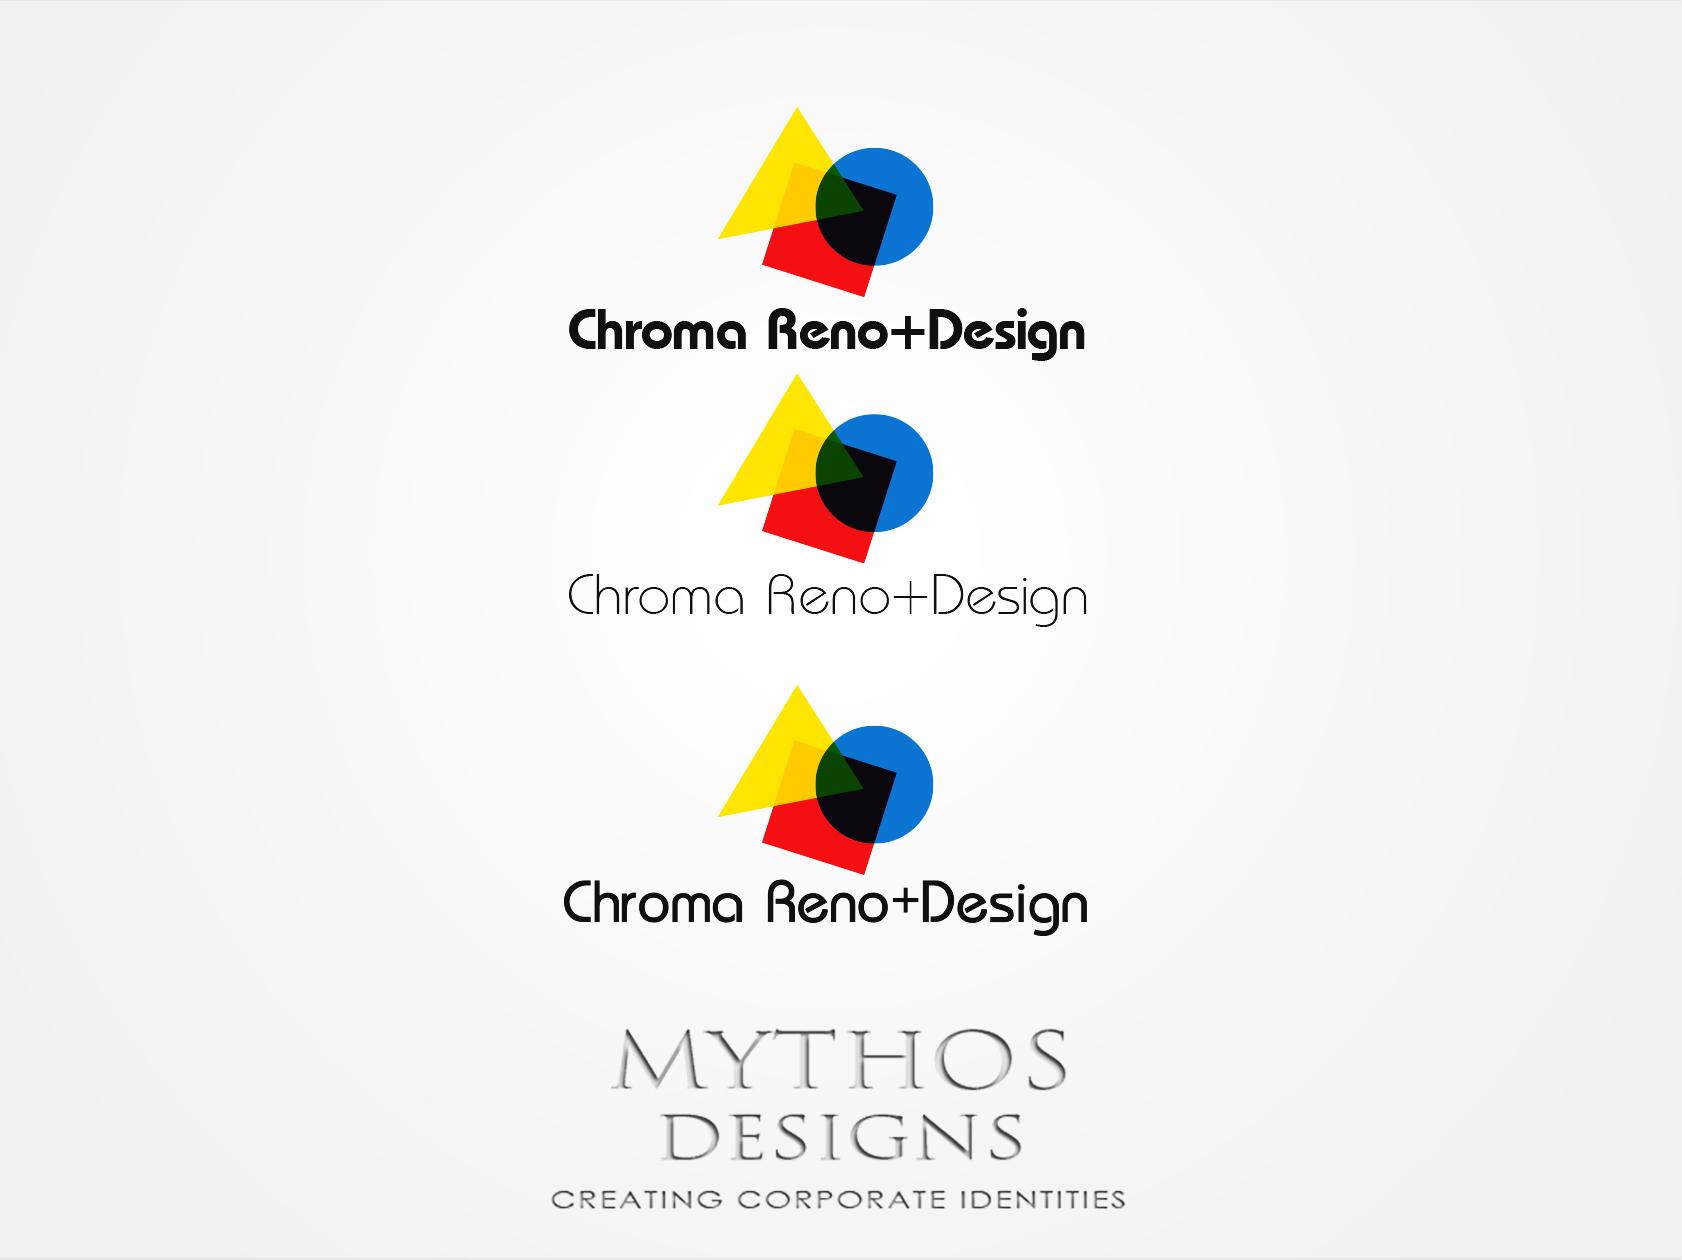 Logo Design by Mythos Designs - Entry No. 283 in the Logo Design Contest Inspiring Logo Design for Chroma Reno+Design.